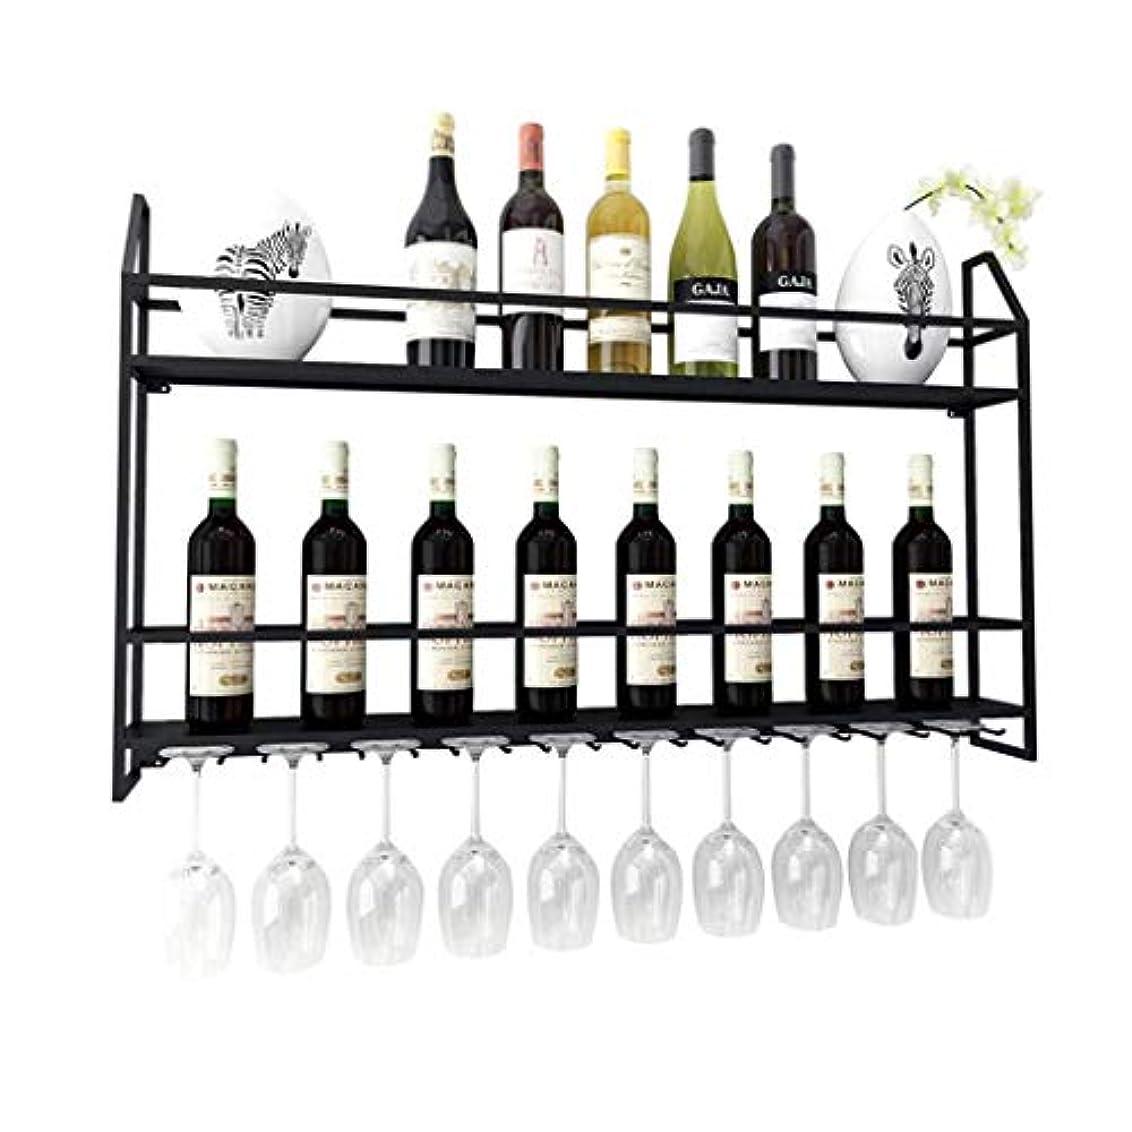 に対応する十分ではない天ステムウェアラックメタルウォールマウントハンギングワインボトルホルダーウォールマウントメタルホームワインラック|ワインボトル|ハンギングステムウェアガラスホルダー|ストレージラック|家と台所の装飾